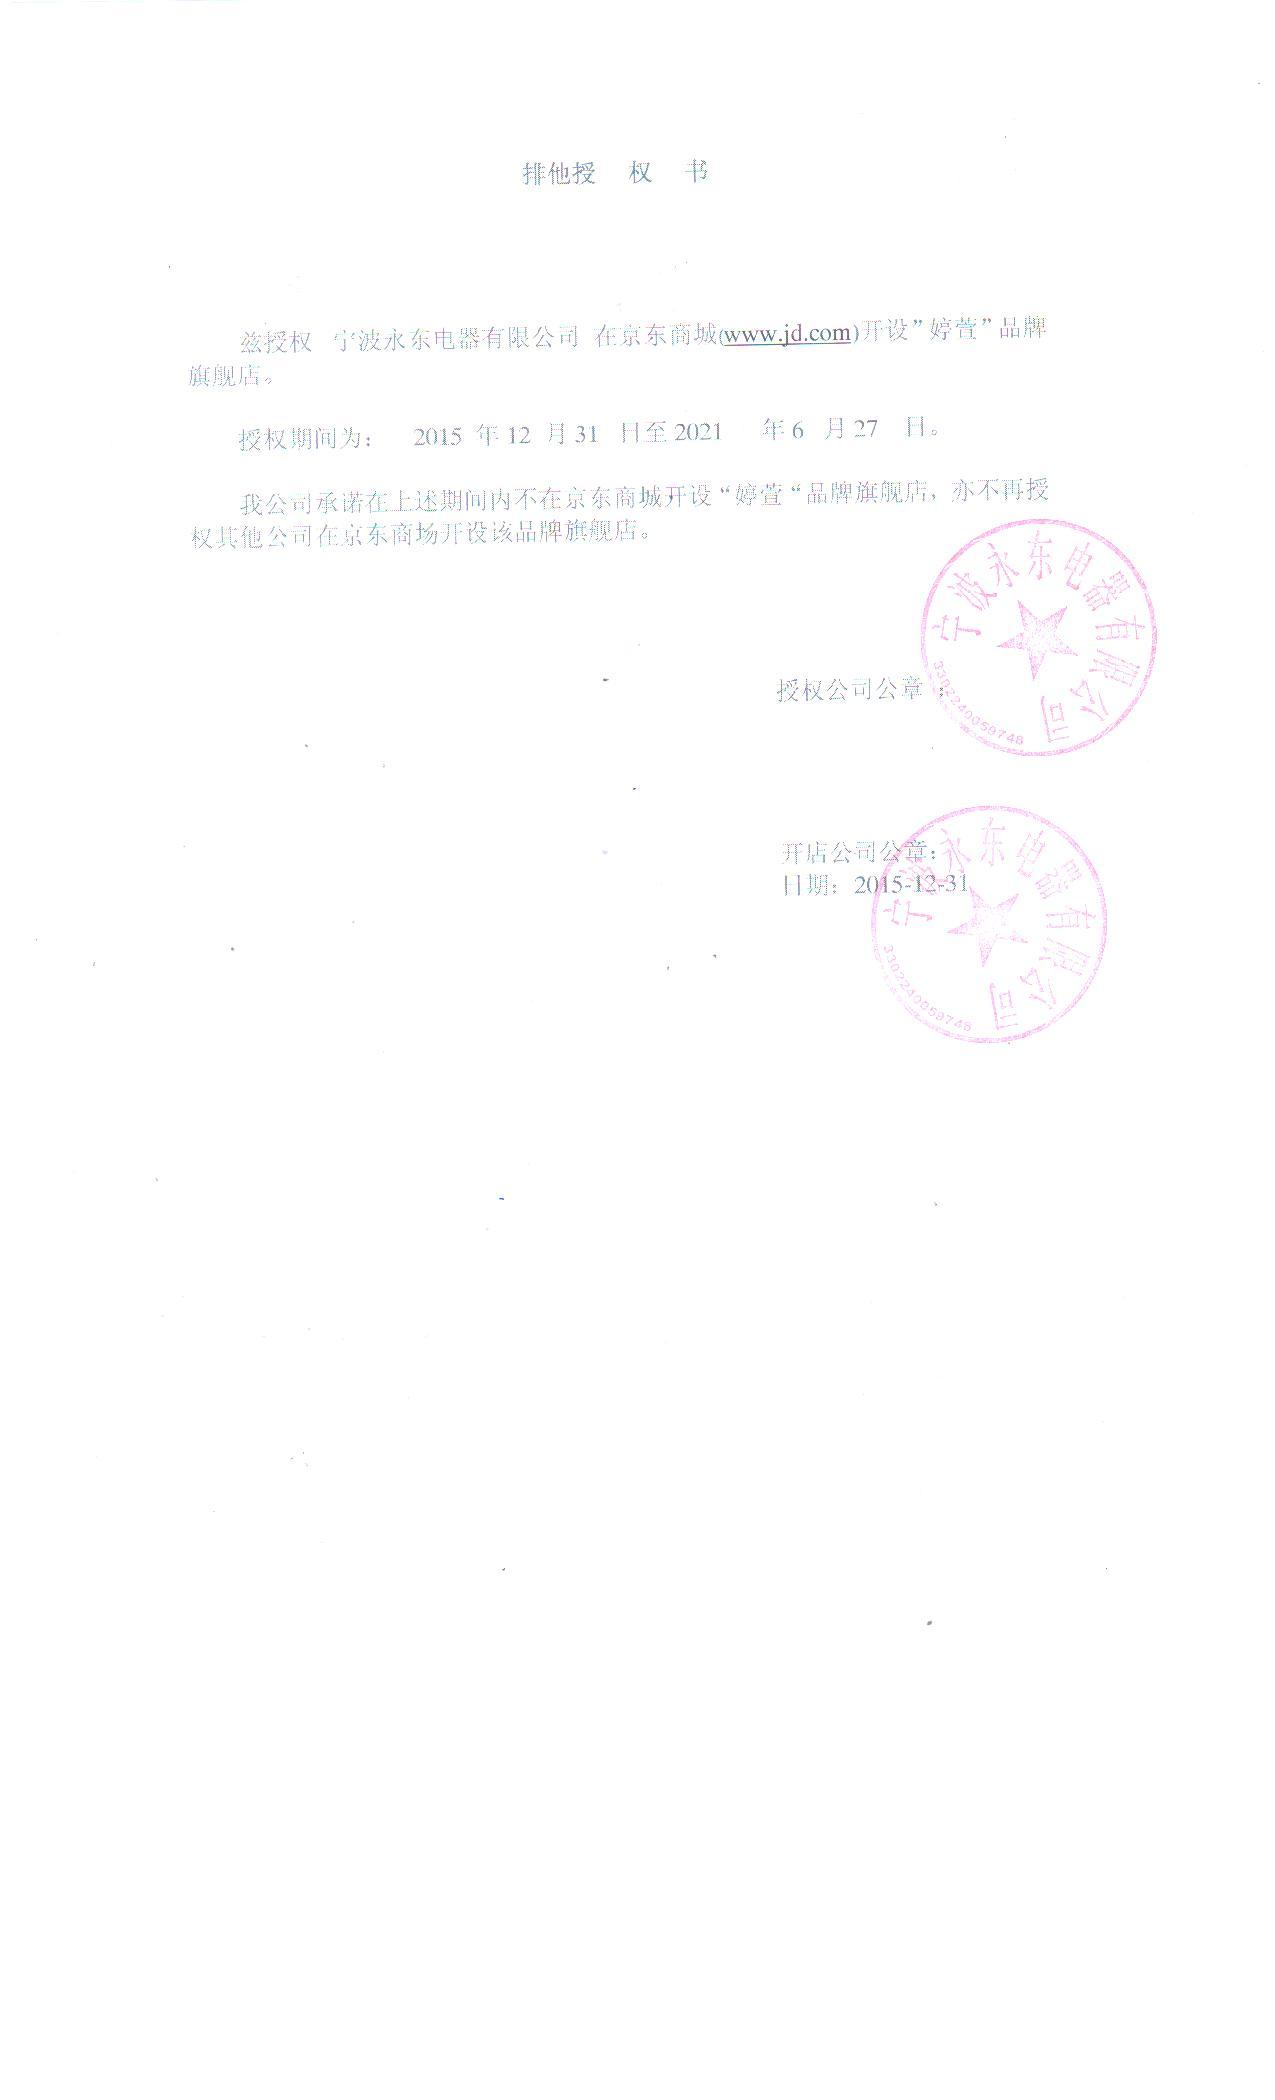 婷萱(TINGXUAN)